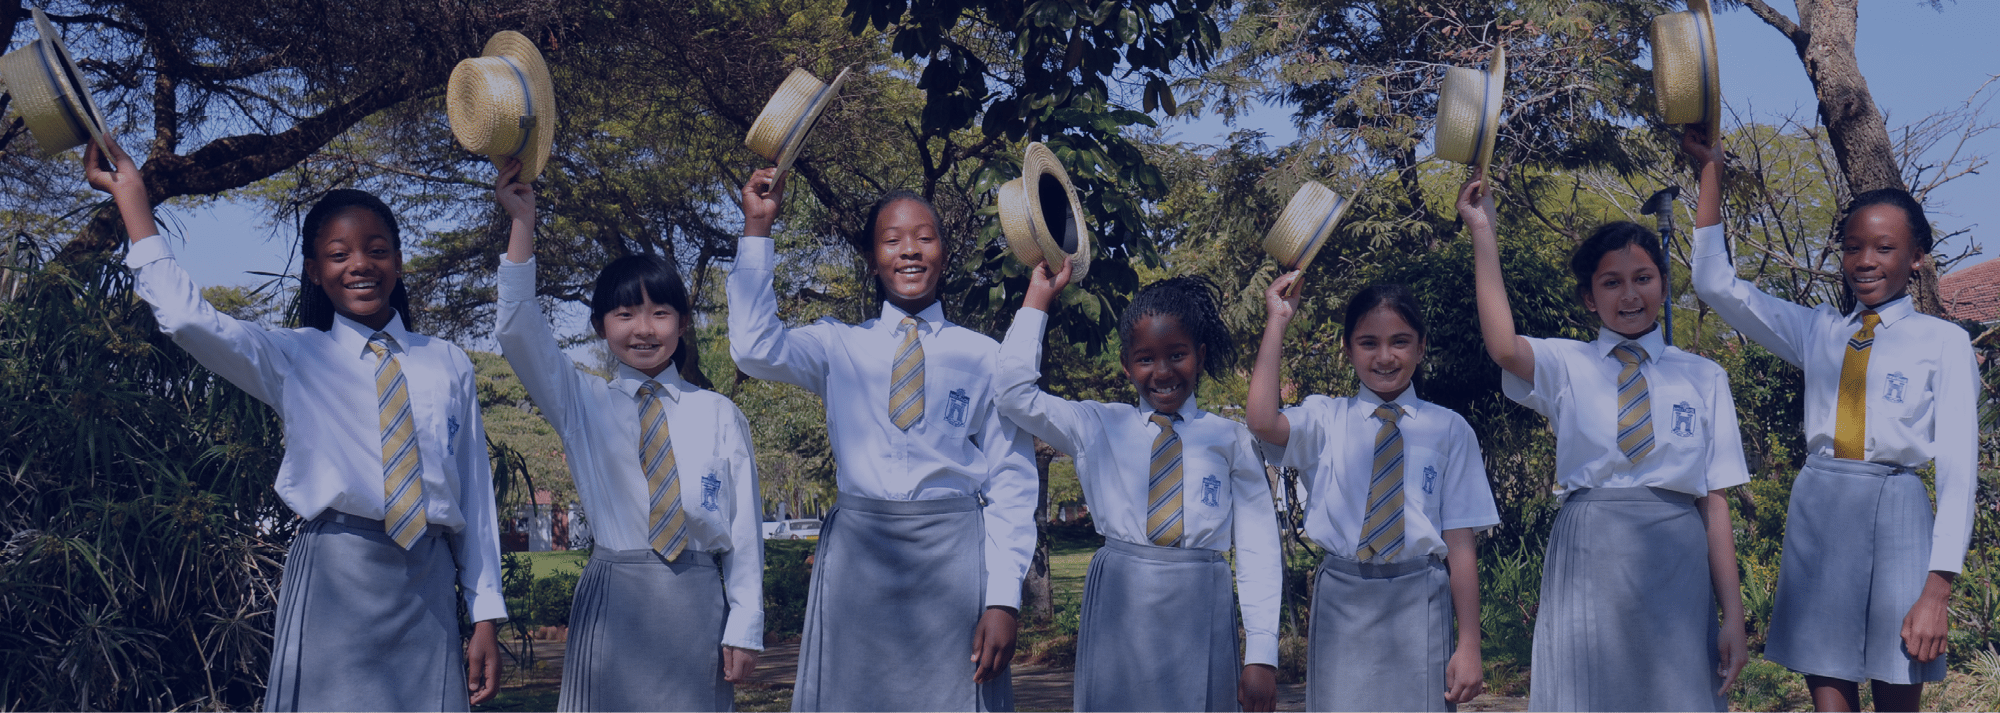 Heritage-School-Junior-Girls.png